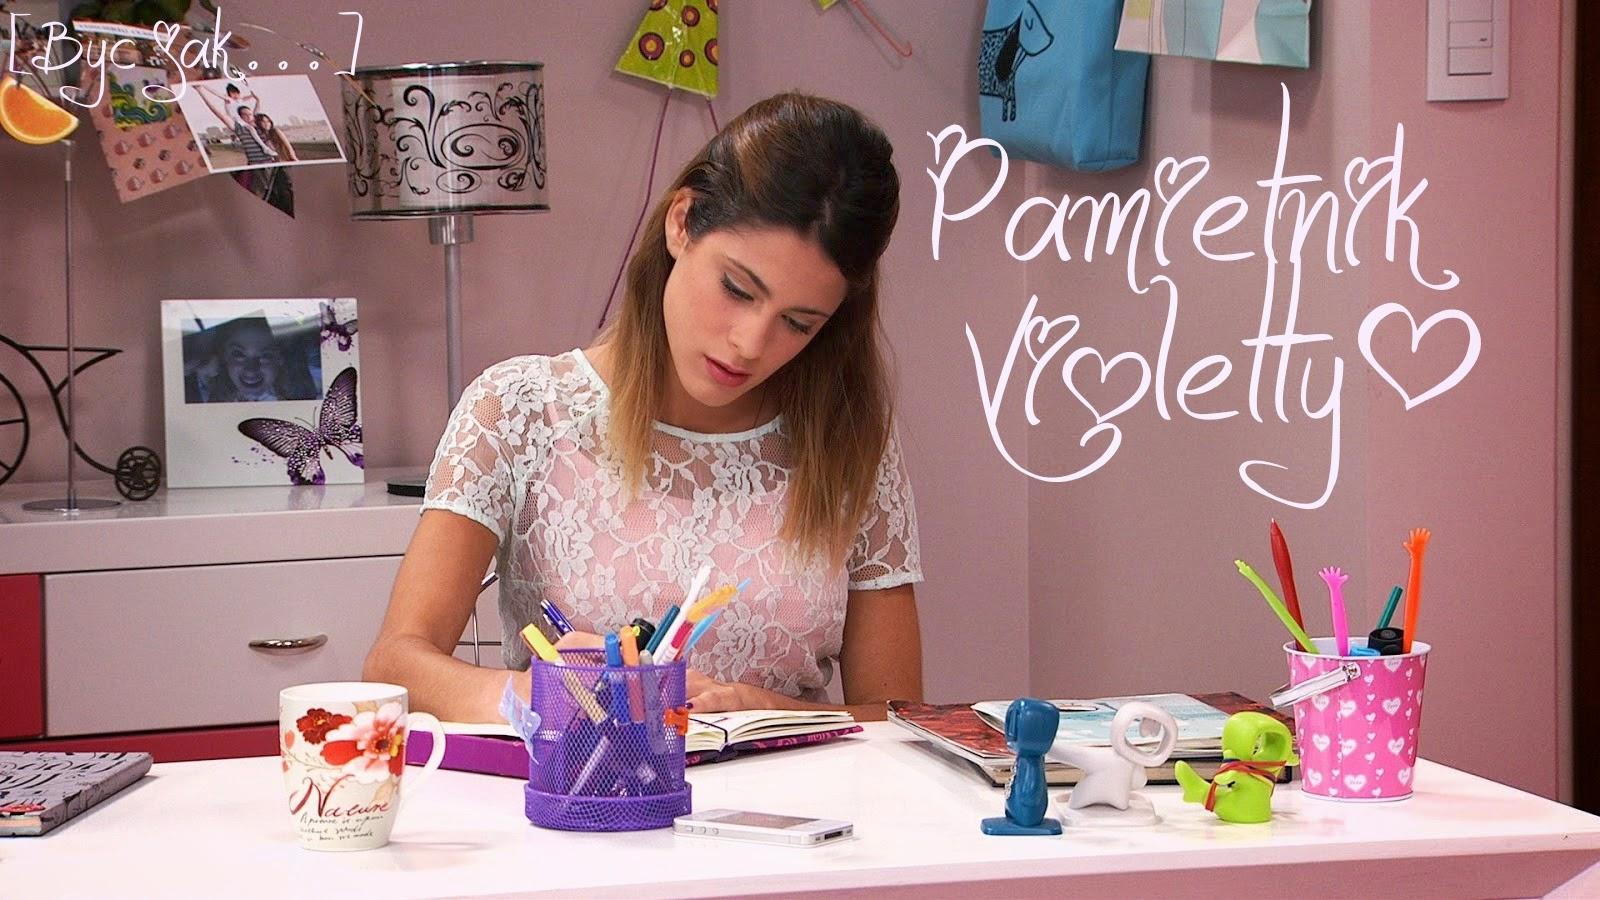 Violetta fanpage polska by jak pami tnik violetty - Jeux de violetta saison 2 ...